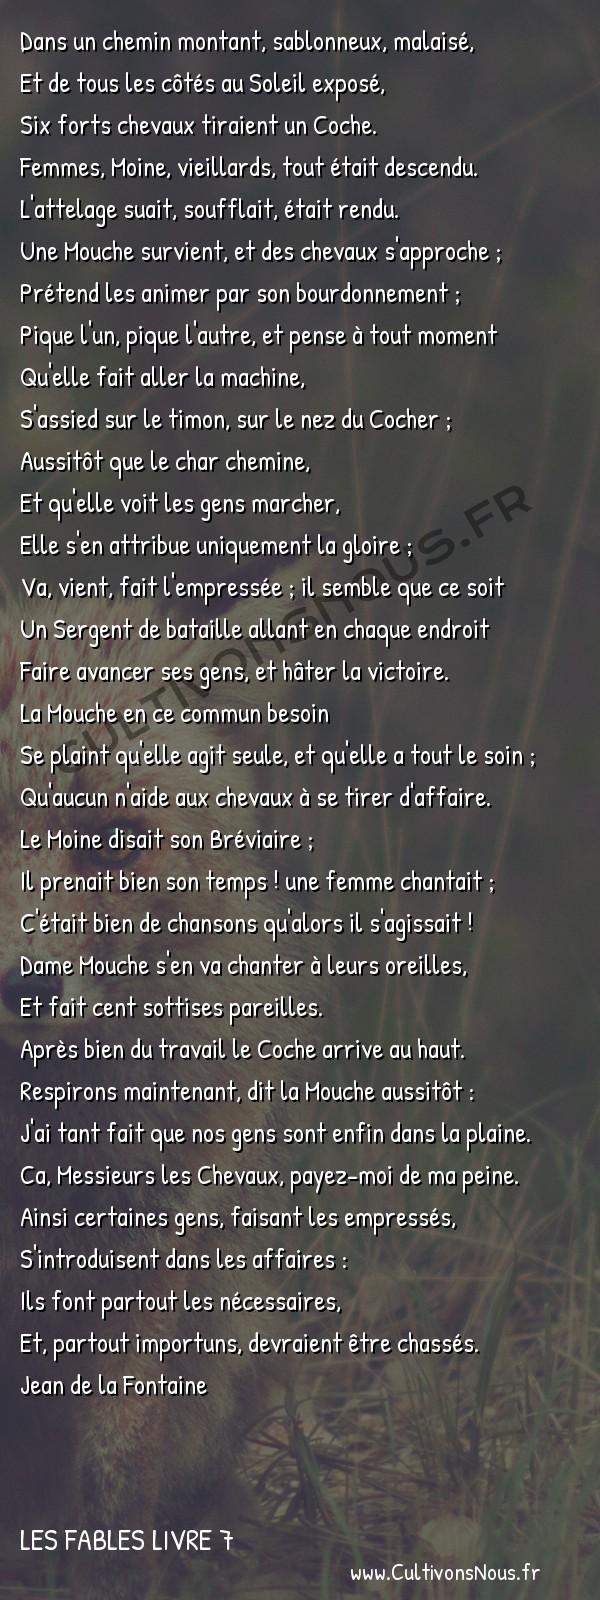 Fables Jean de la Fontaine - Les fables Livre 7 - Le Coche et la Mouche -   Dans un chemin montant, sablonneux, malaisé, Et de tous les côtés au Soleil exposé,